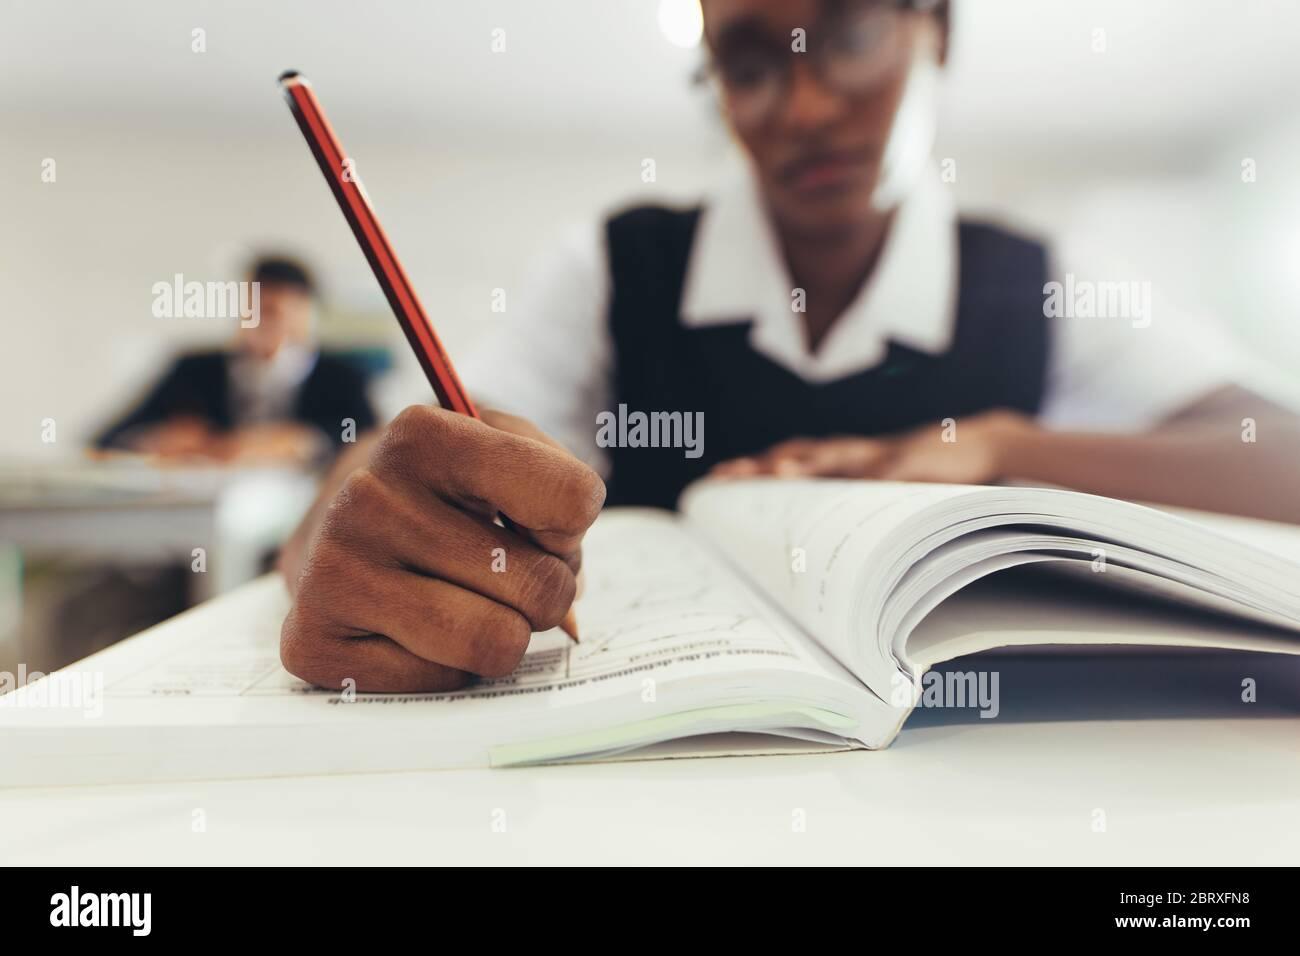 Primer plano de una adolescente escribiendo en su libro de texto mientras se sentaba en el escritorio en el aula. Estudiante de secundaria concentrándose mientras escribe en un libro, focu Foto de stock